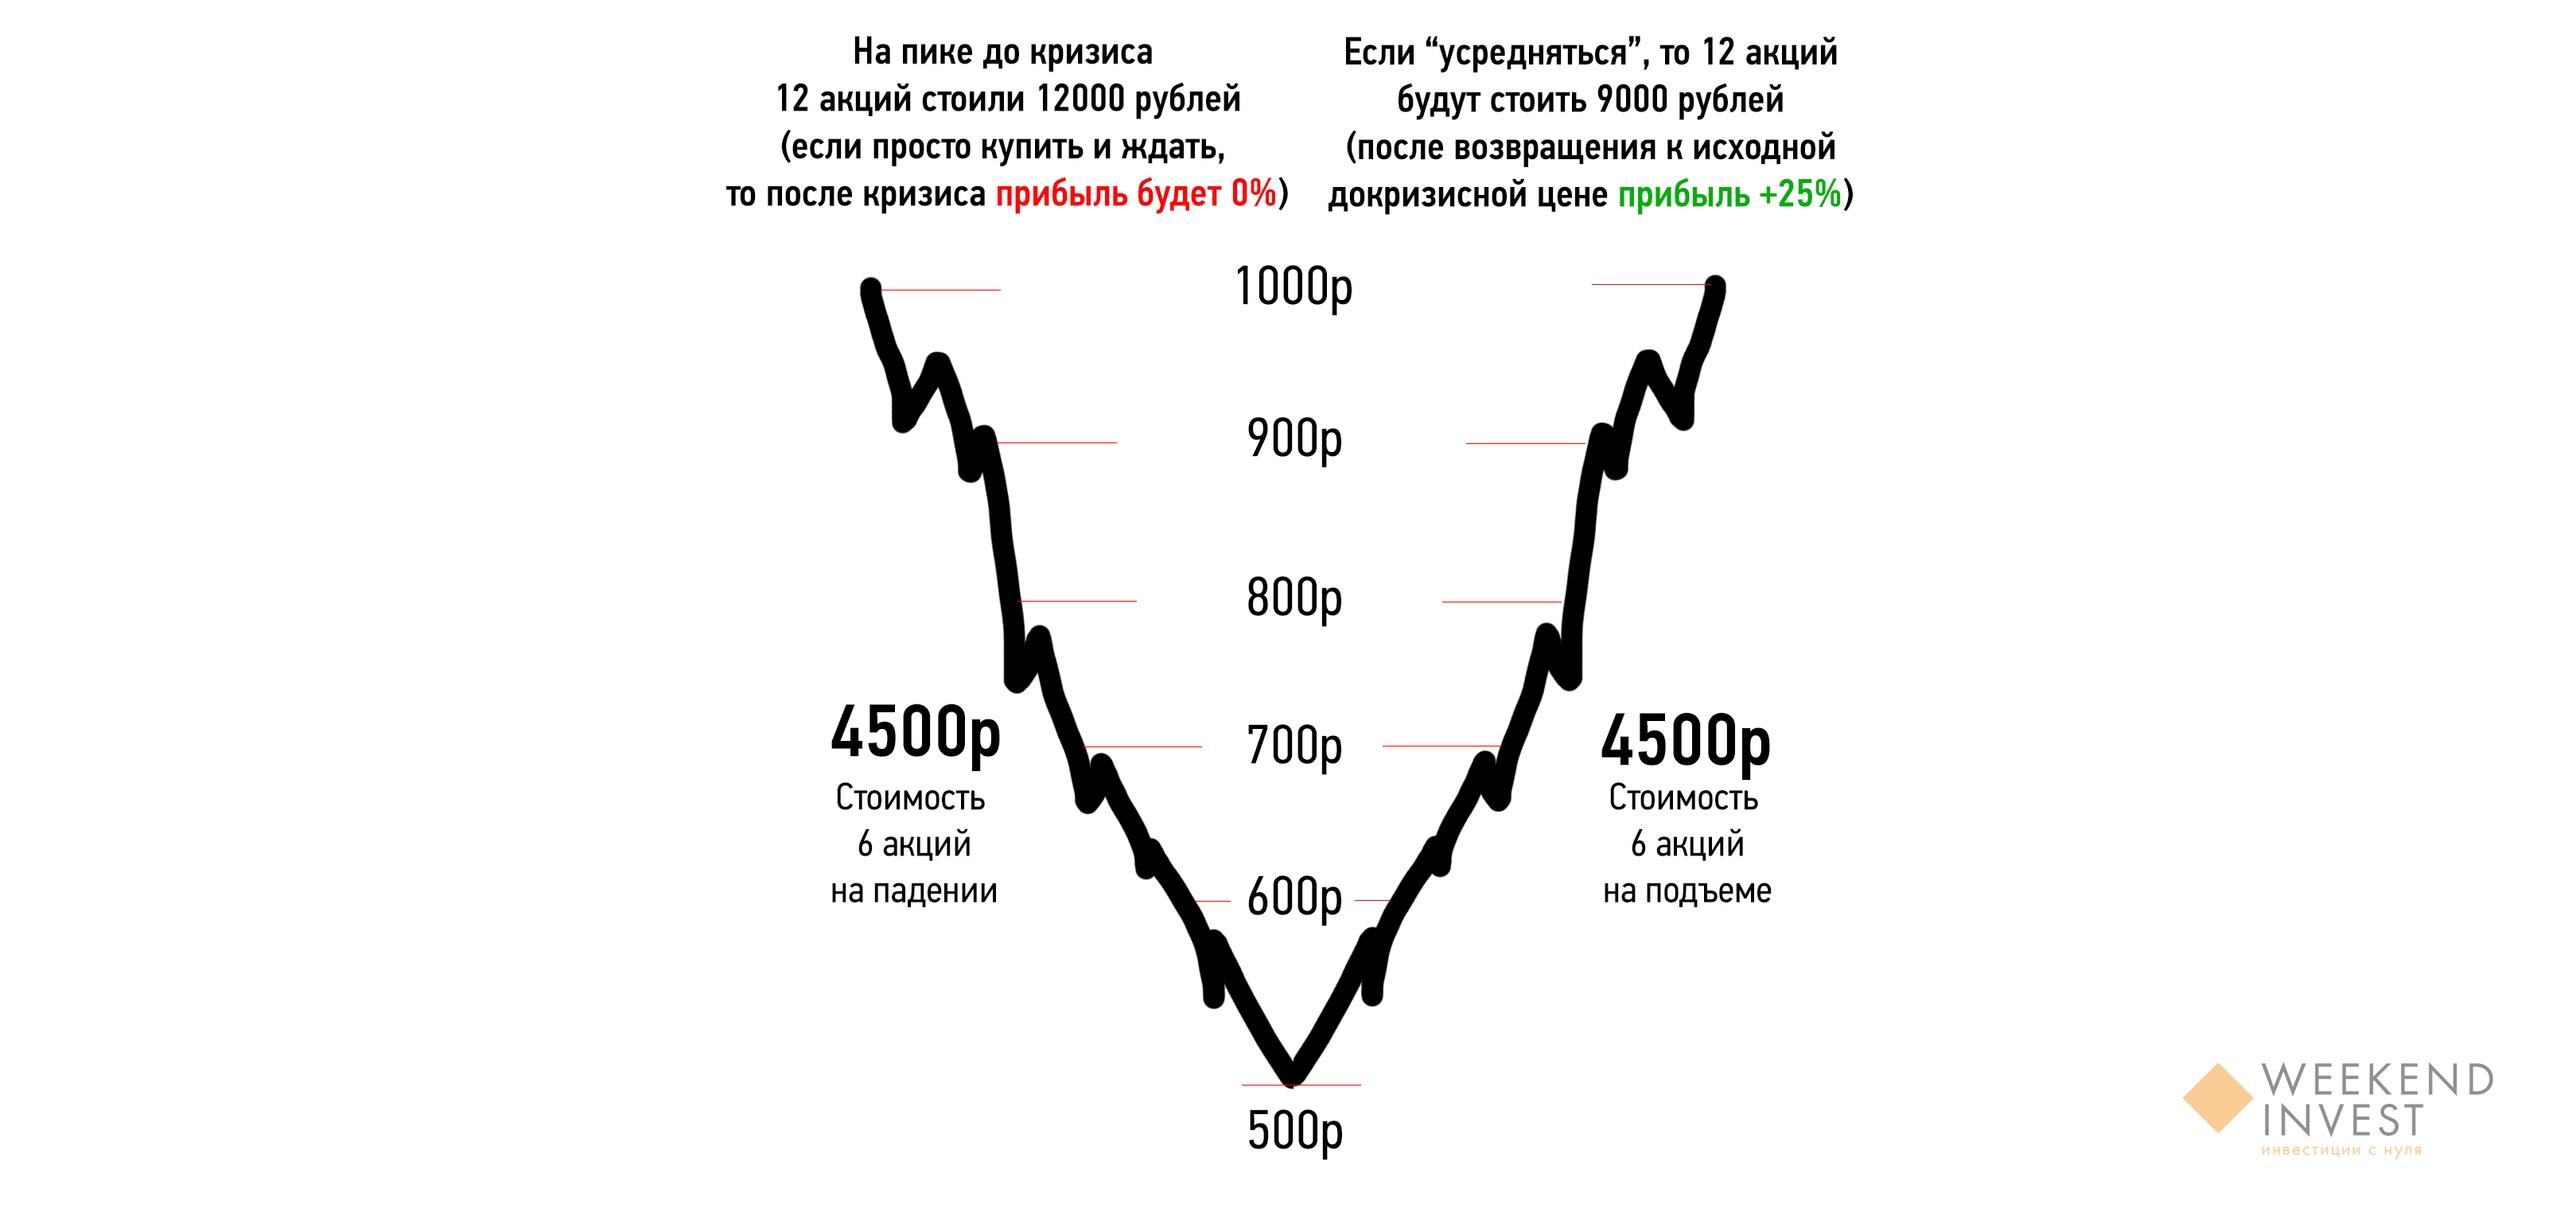 Описанное выше в графическом представлении